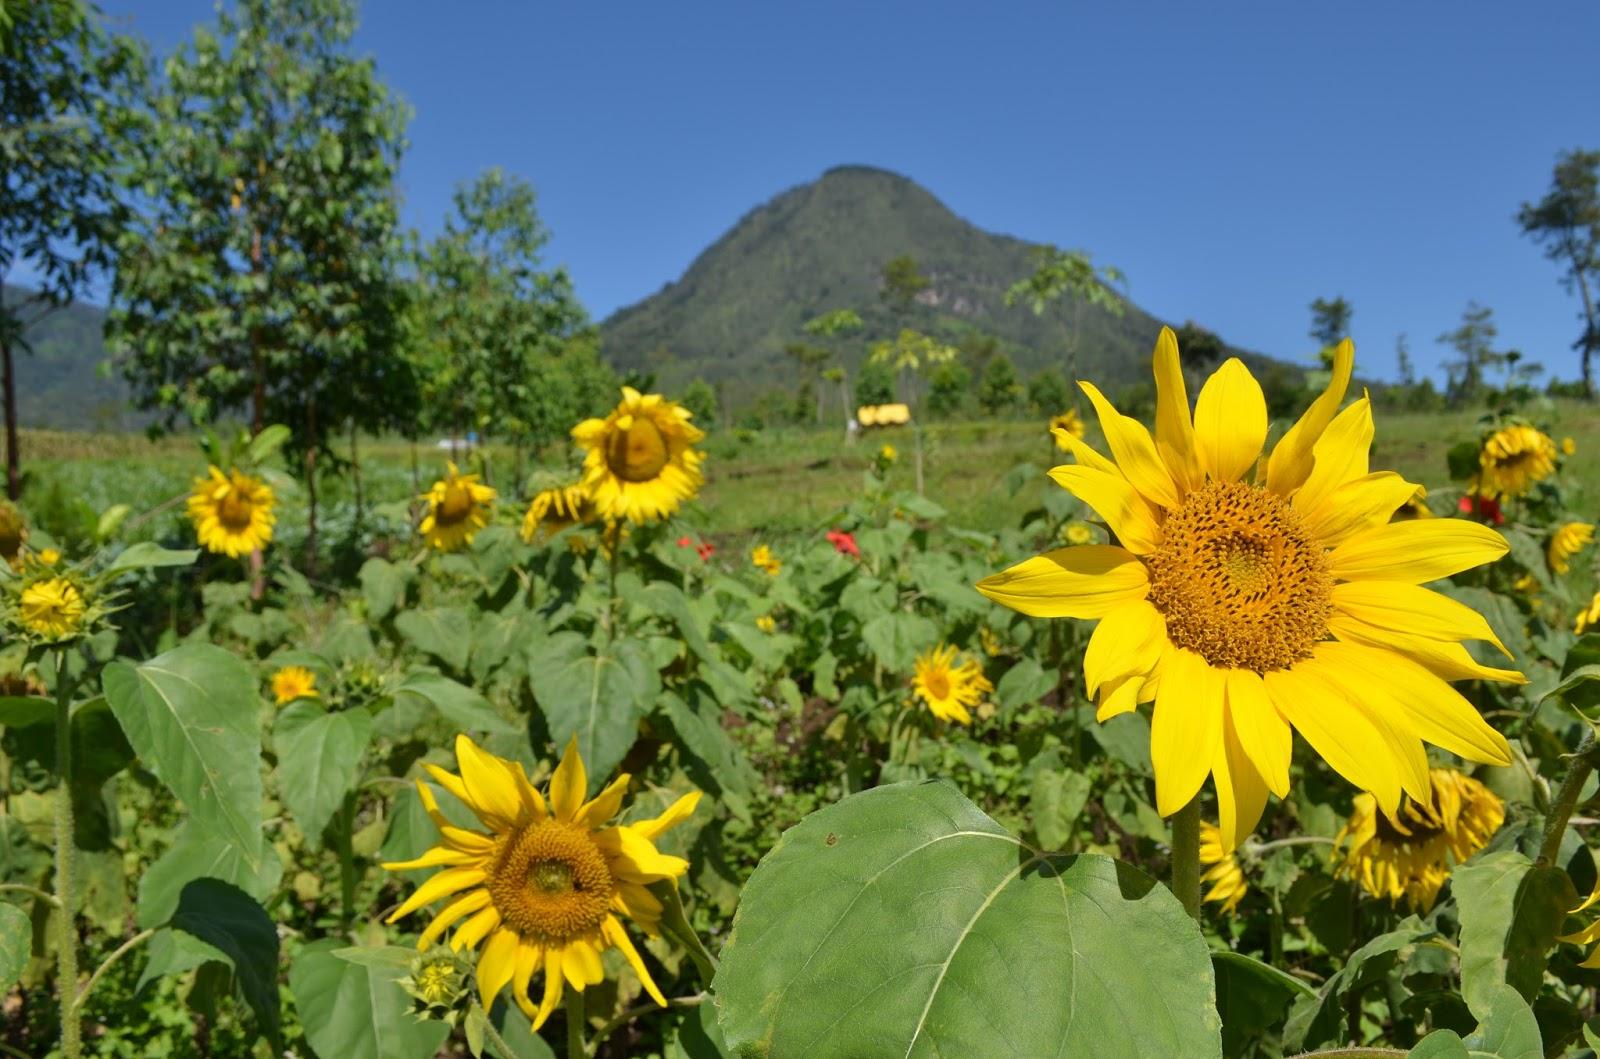 Mbulan Kebun Bunga Matahari Peternakan Kuda Megastar Indonesia Taman Kota